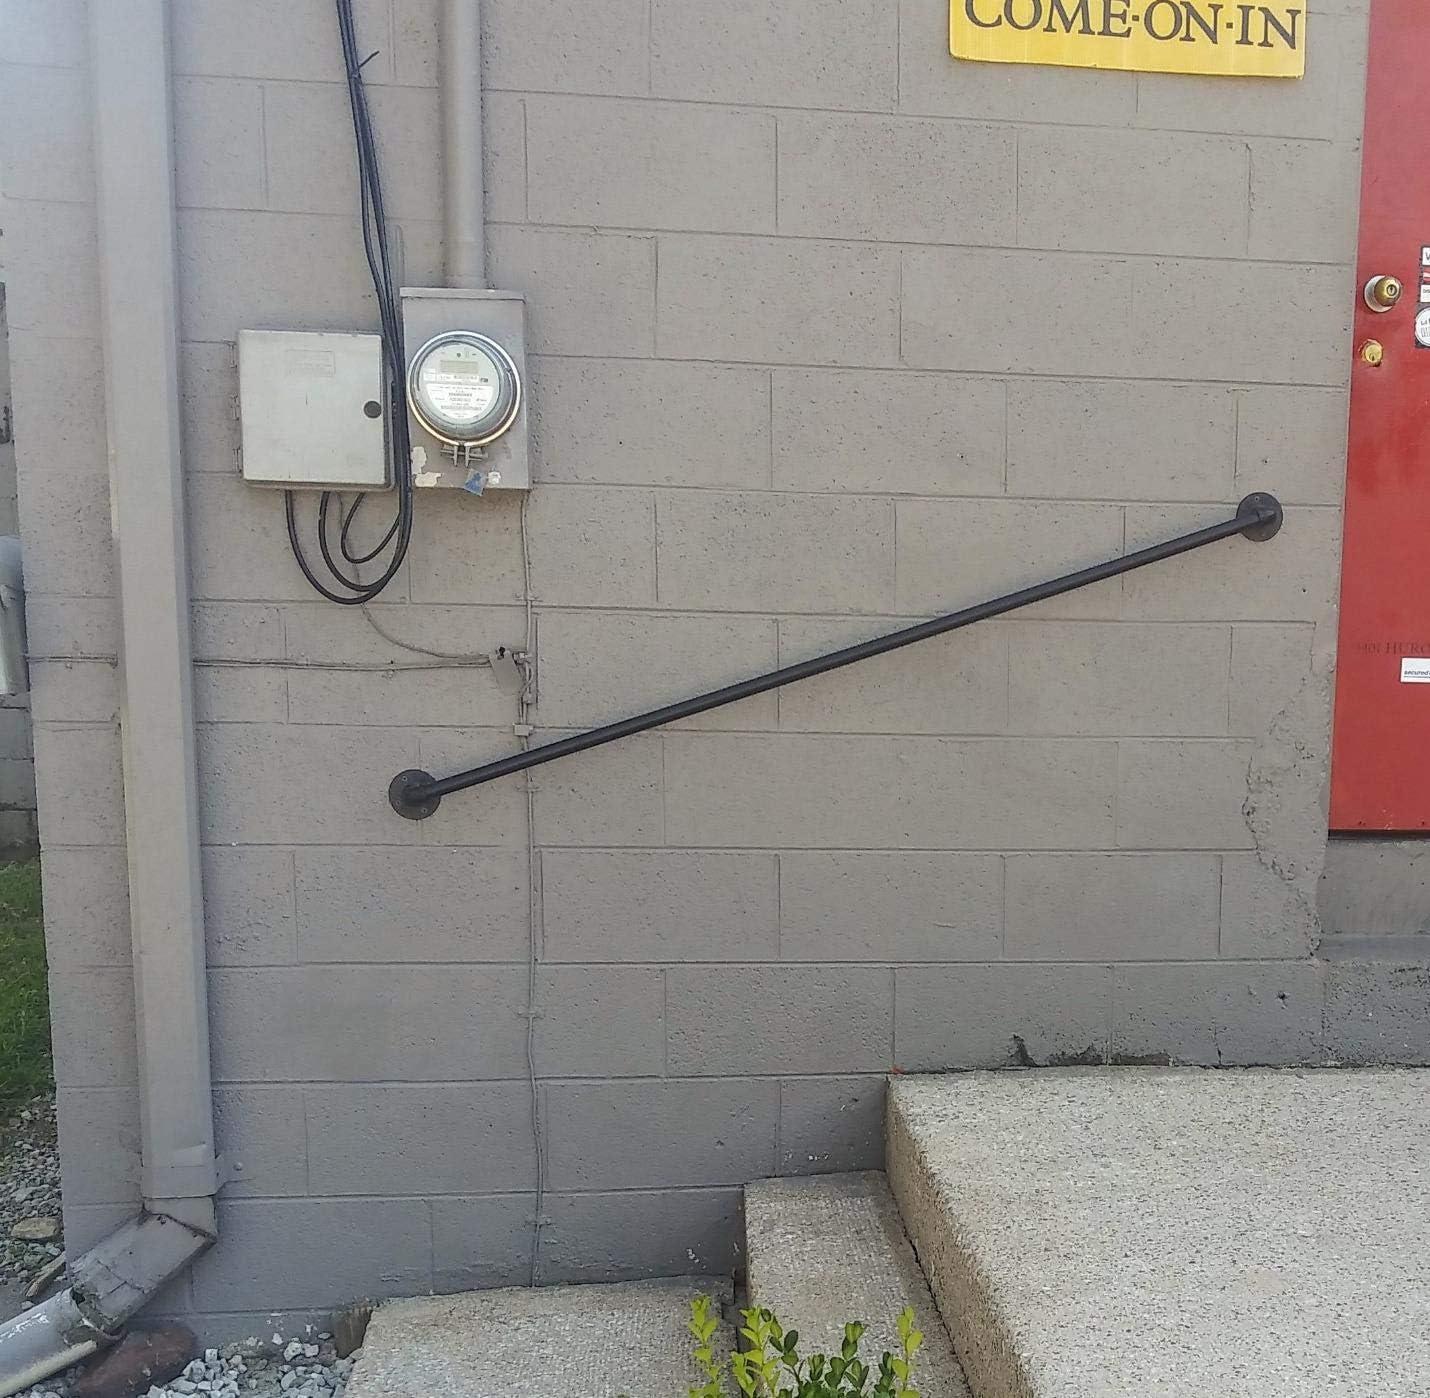 手すり 1〜20フィートの階段手すり壁掛け安全な固体鋳鉄パイプ移行手すり手すり安全壁手すり、廊下、ランプ、または階段サポート550lbs